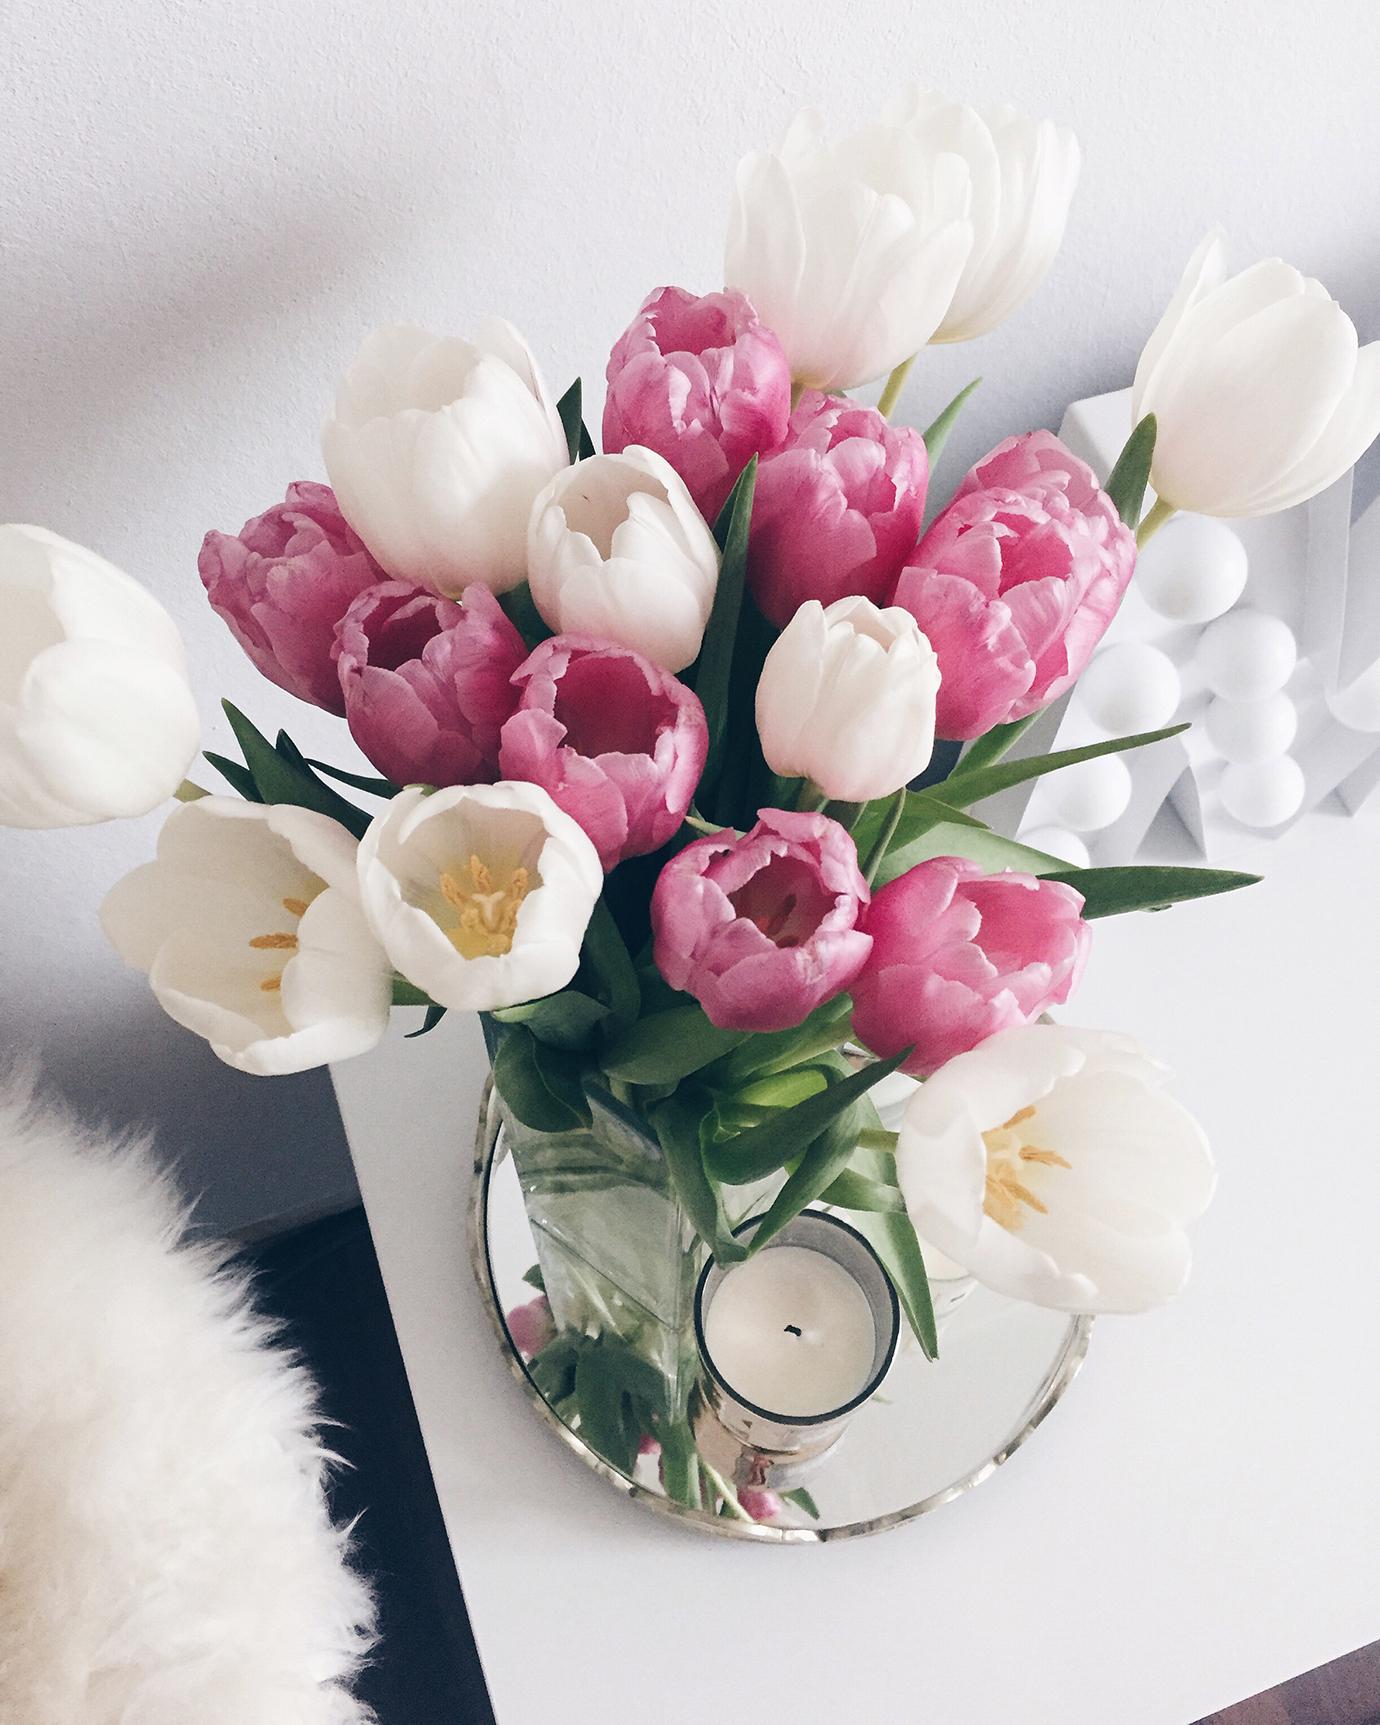 7things_3_flowers